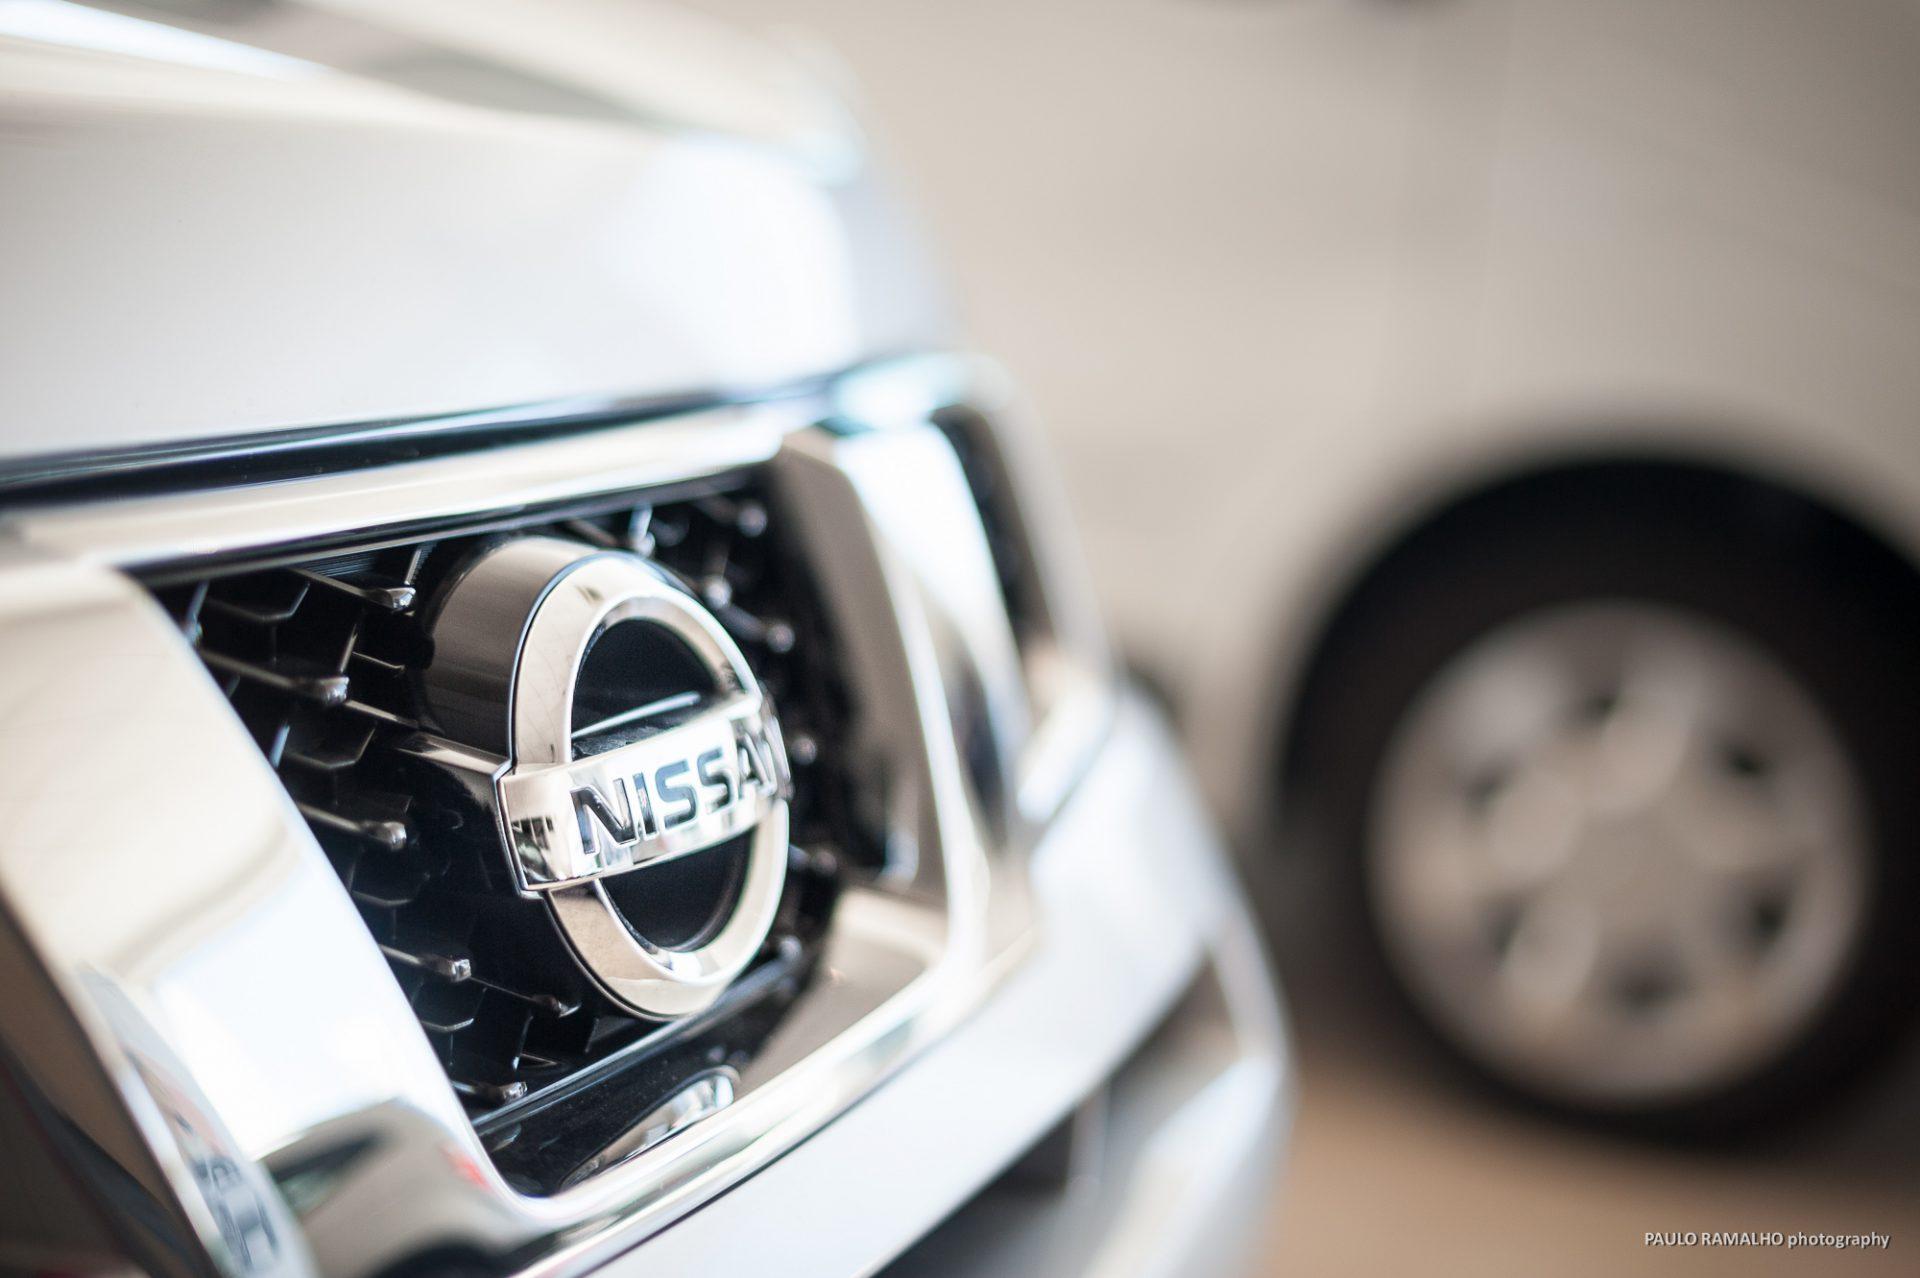 Fotografías publicidad Nissan | Paulo Ramalho Fotografía